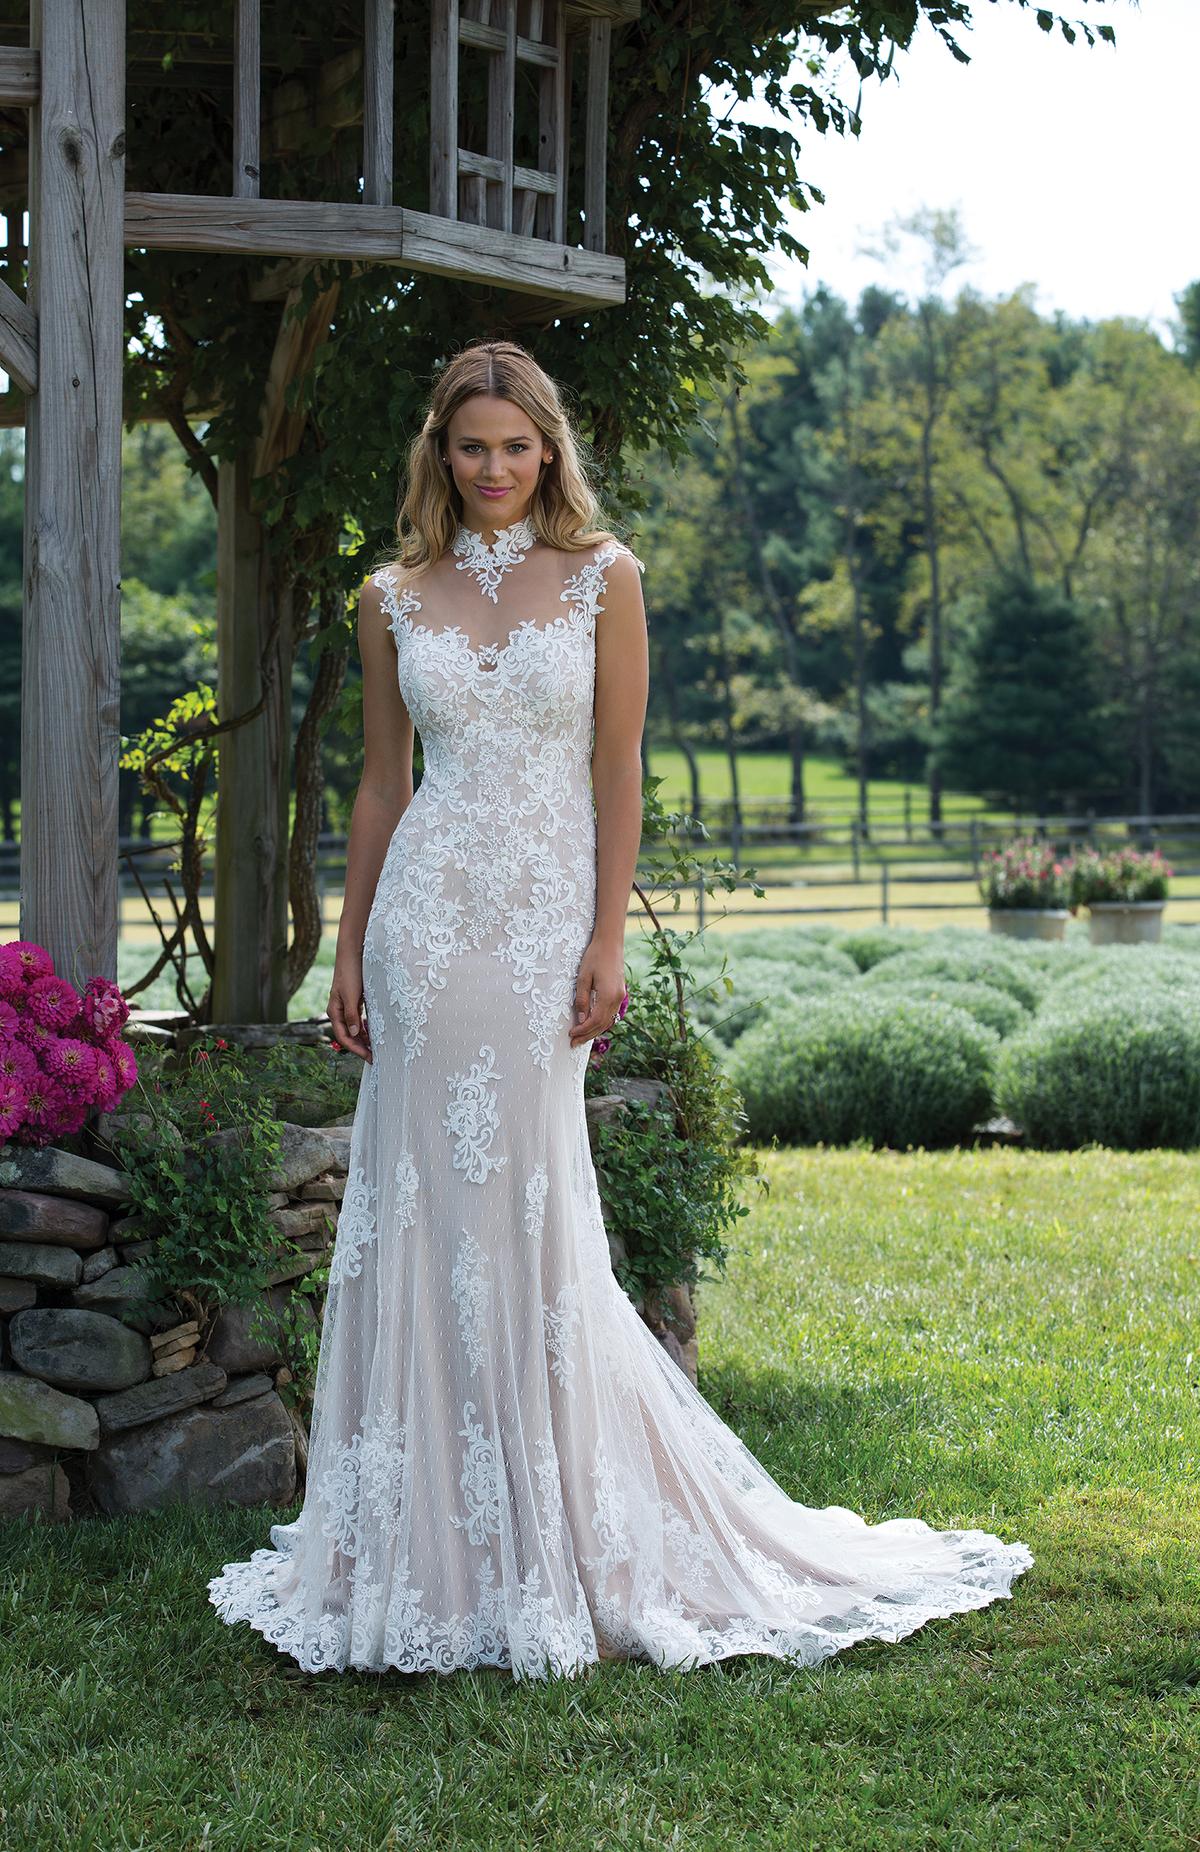 Beste Strand Gast Brautkleider Fotos - Hochzeit Kleid Stile Ideen ...